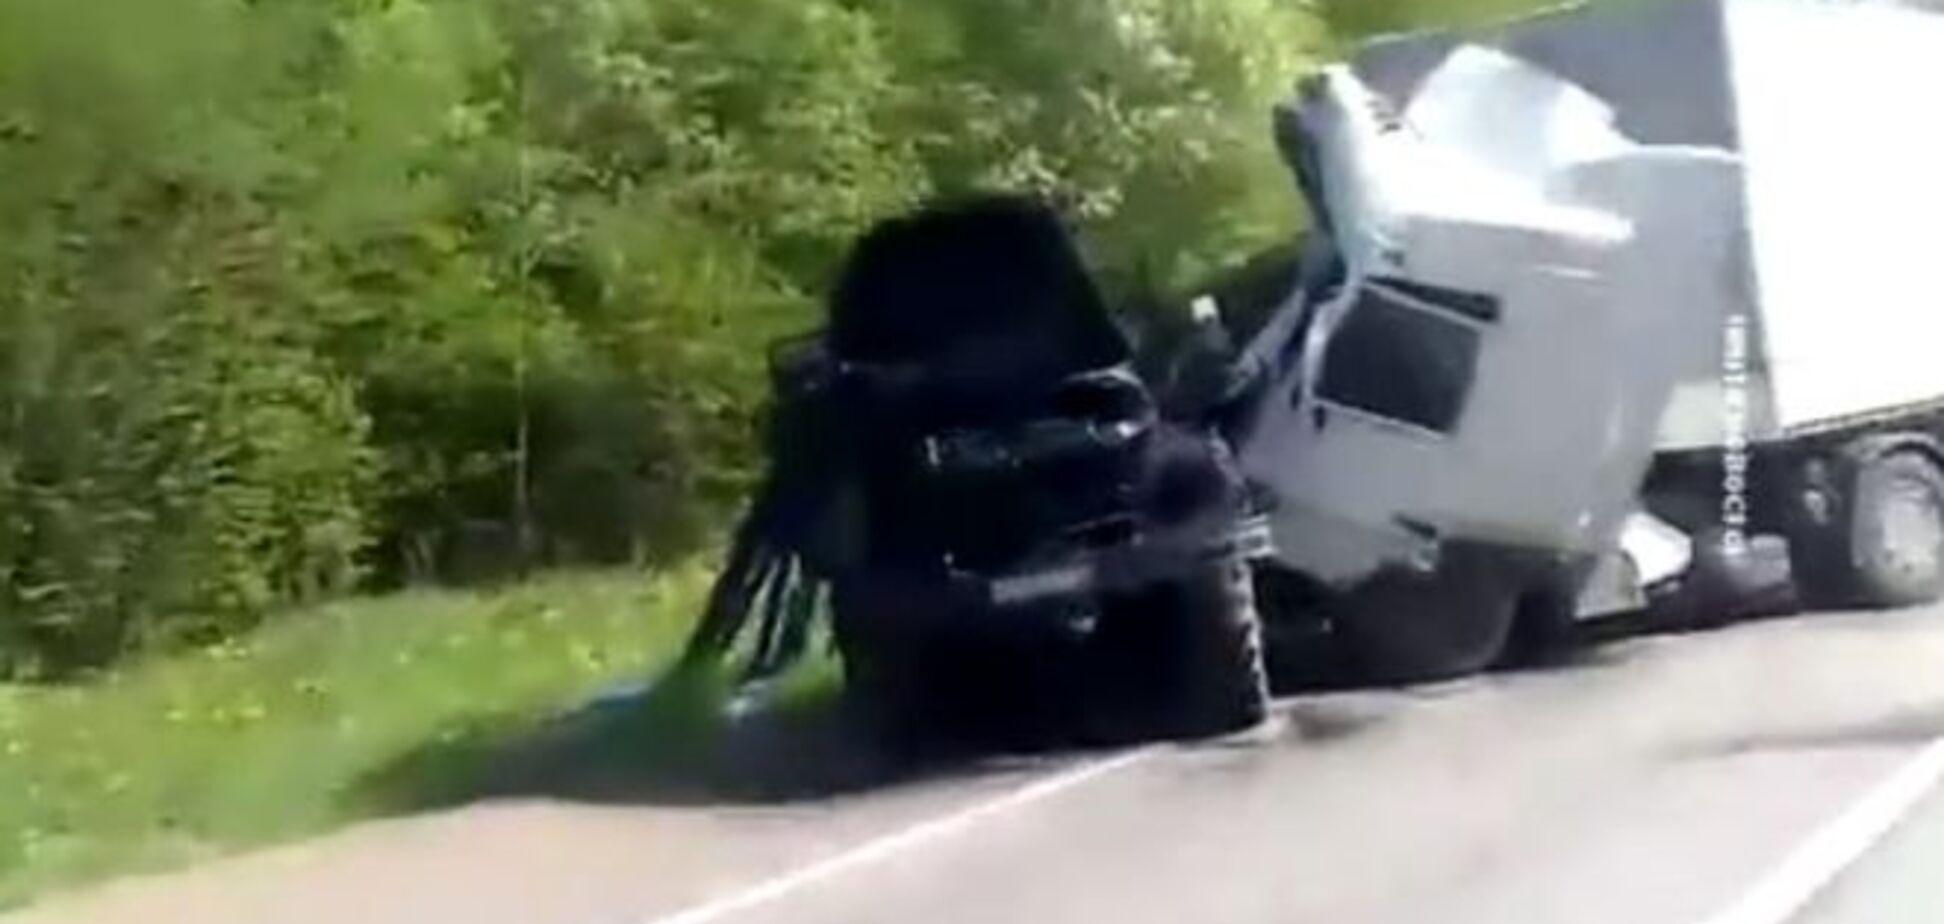 Смертоносная 'гуманитарка': путинский конвой протаранил грузовик на Донбассе, опубликовано видео